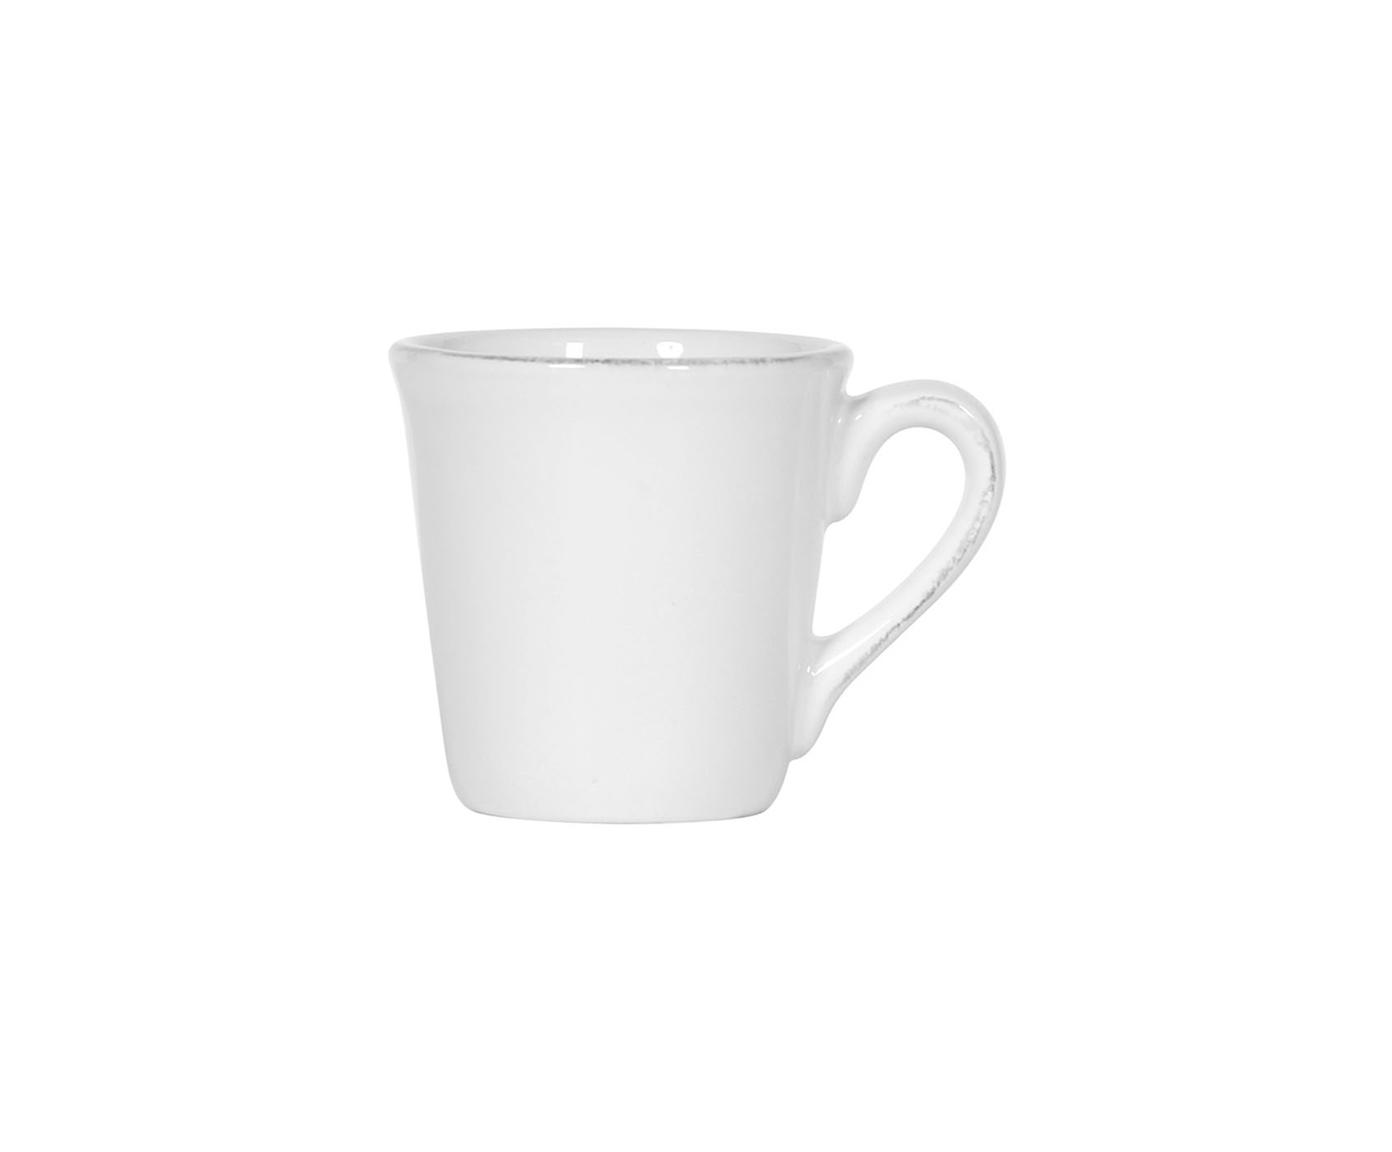 Filiżanka do espresso Constance, 2 szt., Ceramika, Biały, Ø 8 x W 6 cm